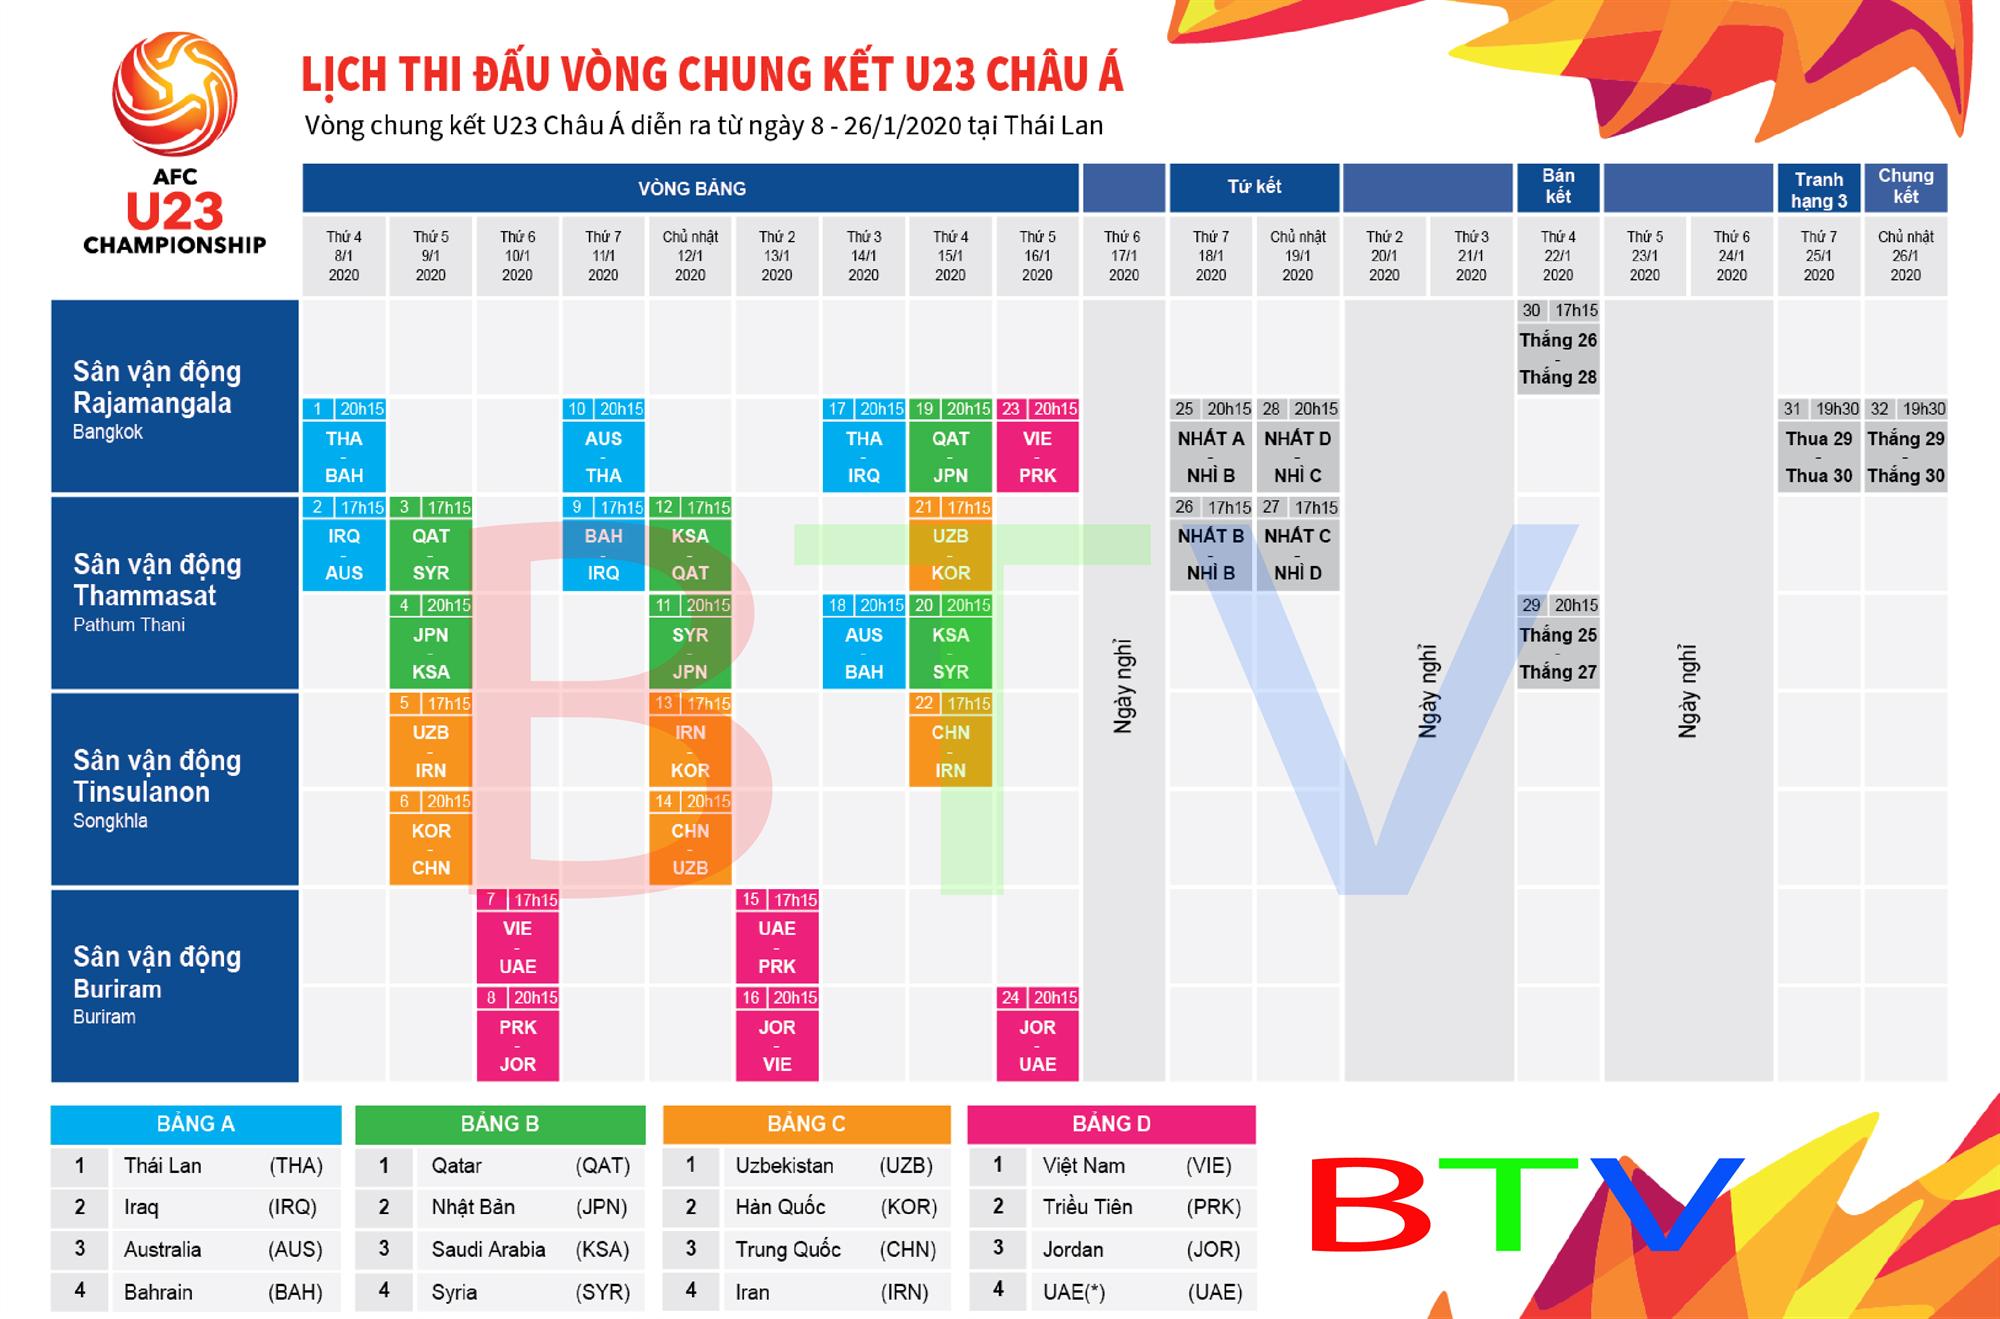 [ Infographics] Lịch thi đấu chi tiết vòng chung kết U23 châu Á